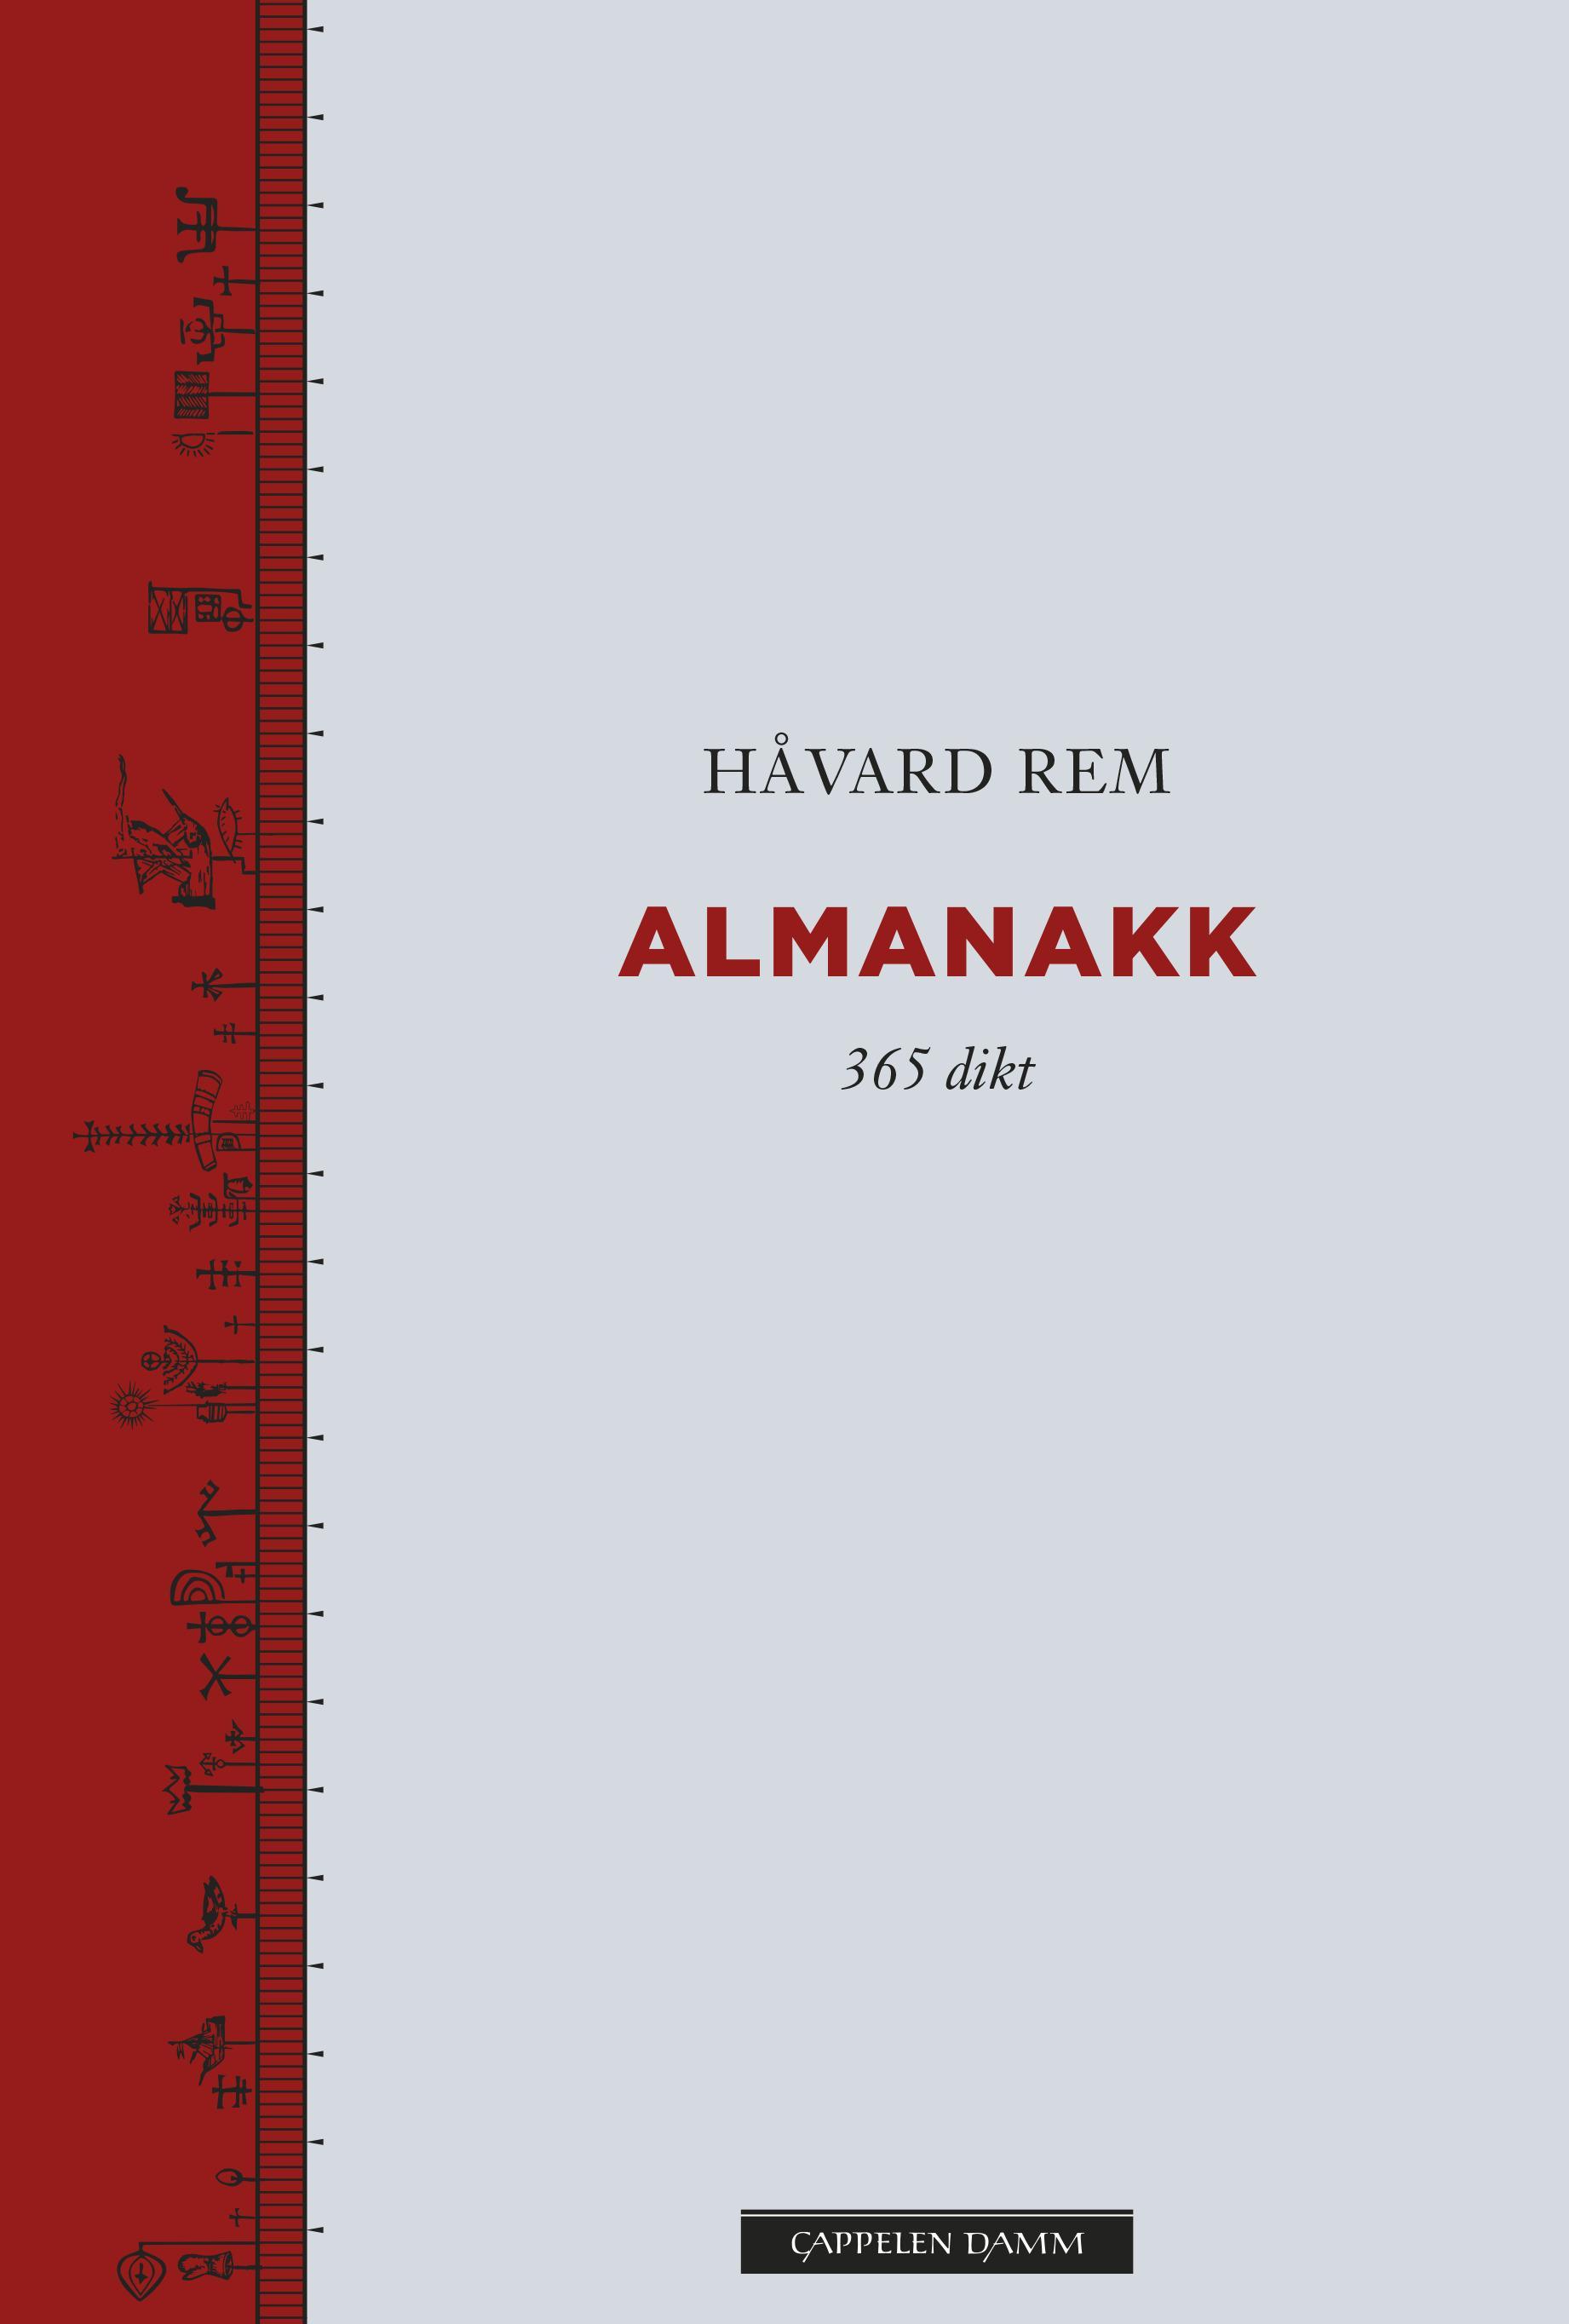 """""""Almanakk - 365 dikt"""" av Håvard Rem"""